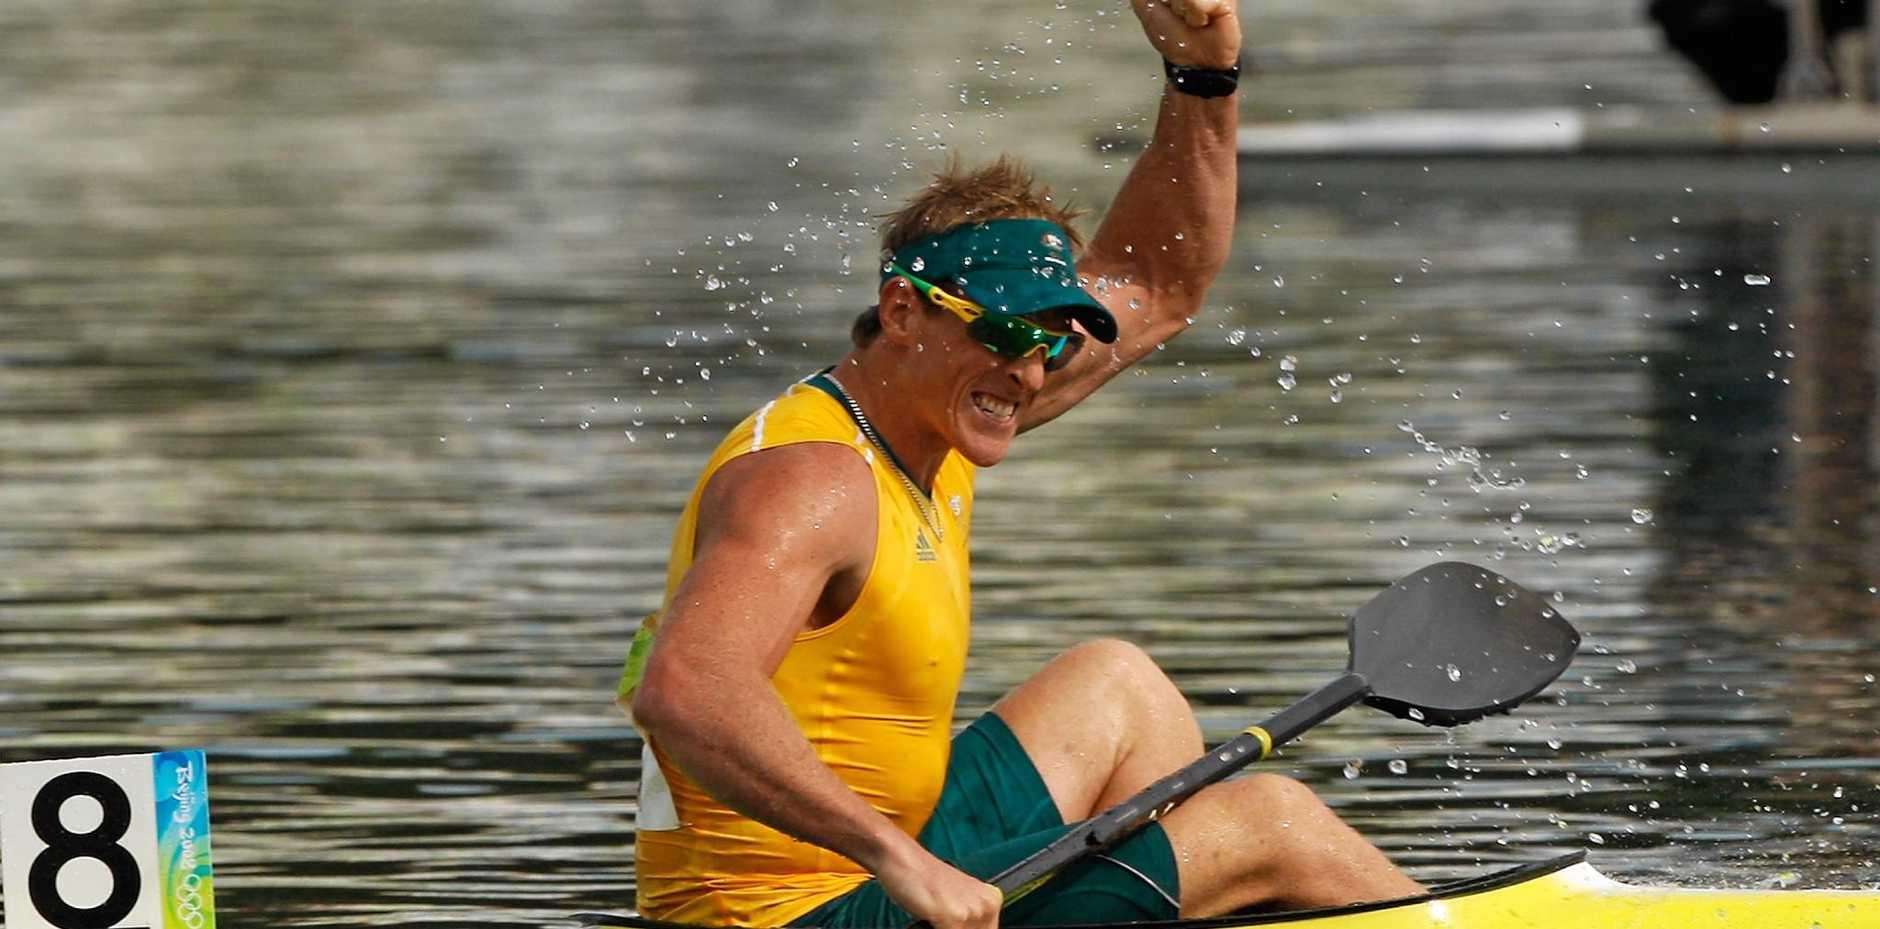 Ken Wallace wins gold in the K1 in Beijing